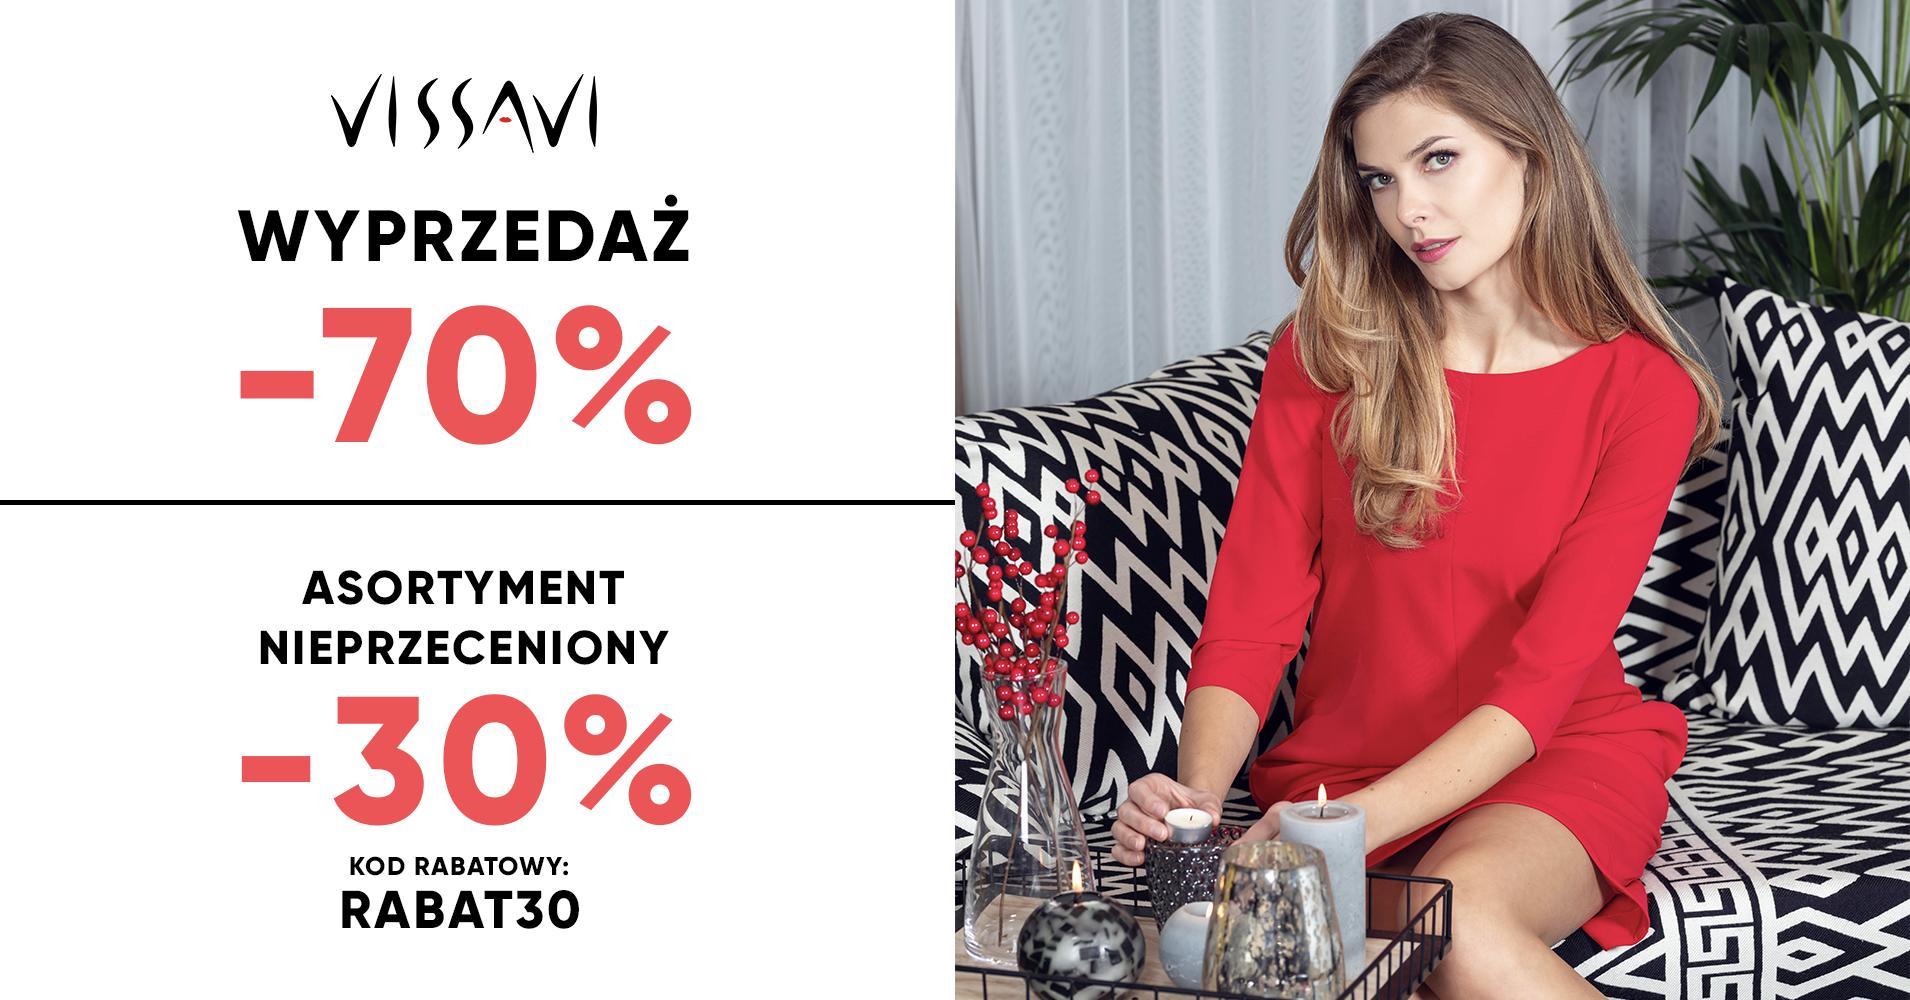 Vissavi: wyprzedaż 70% rabatu na elegancką odzież damską